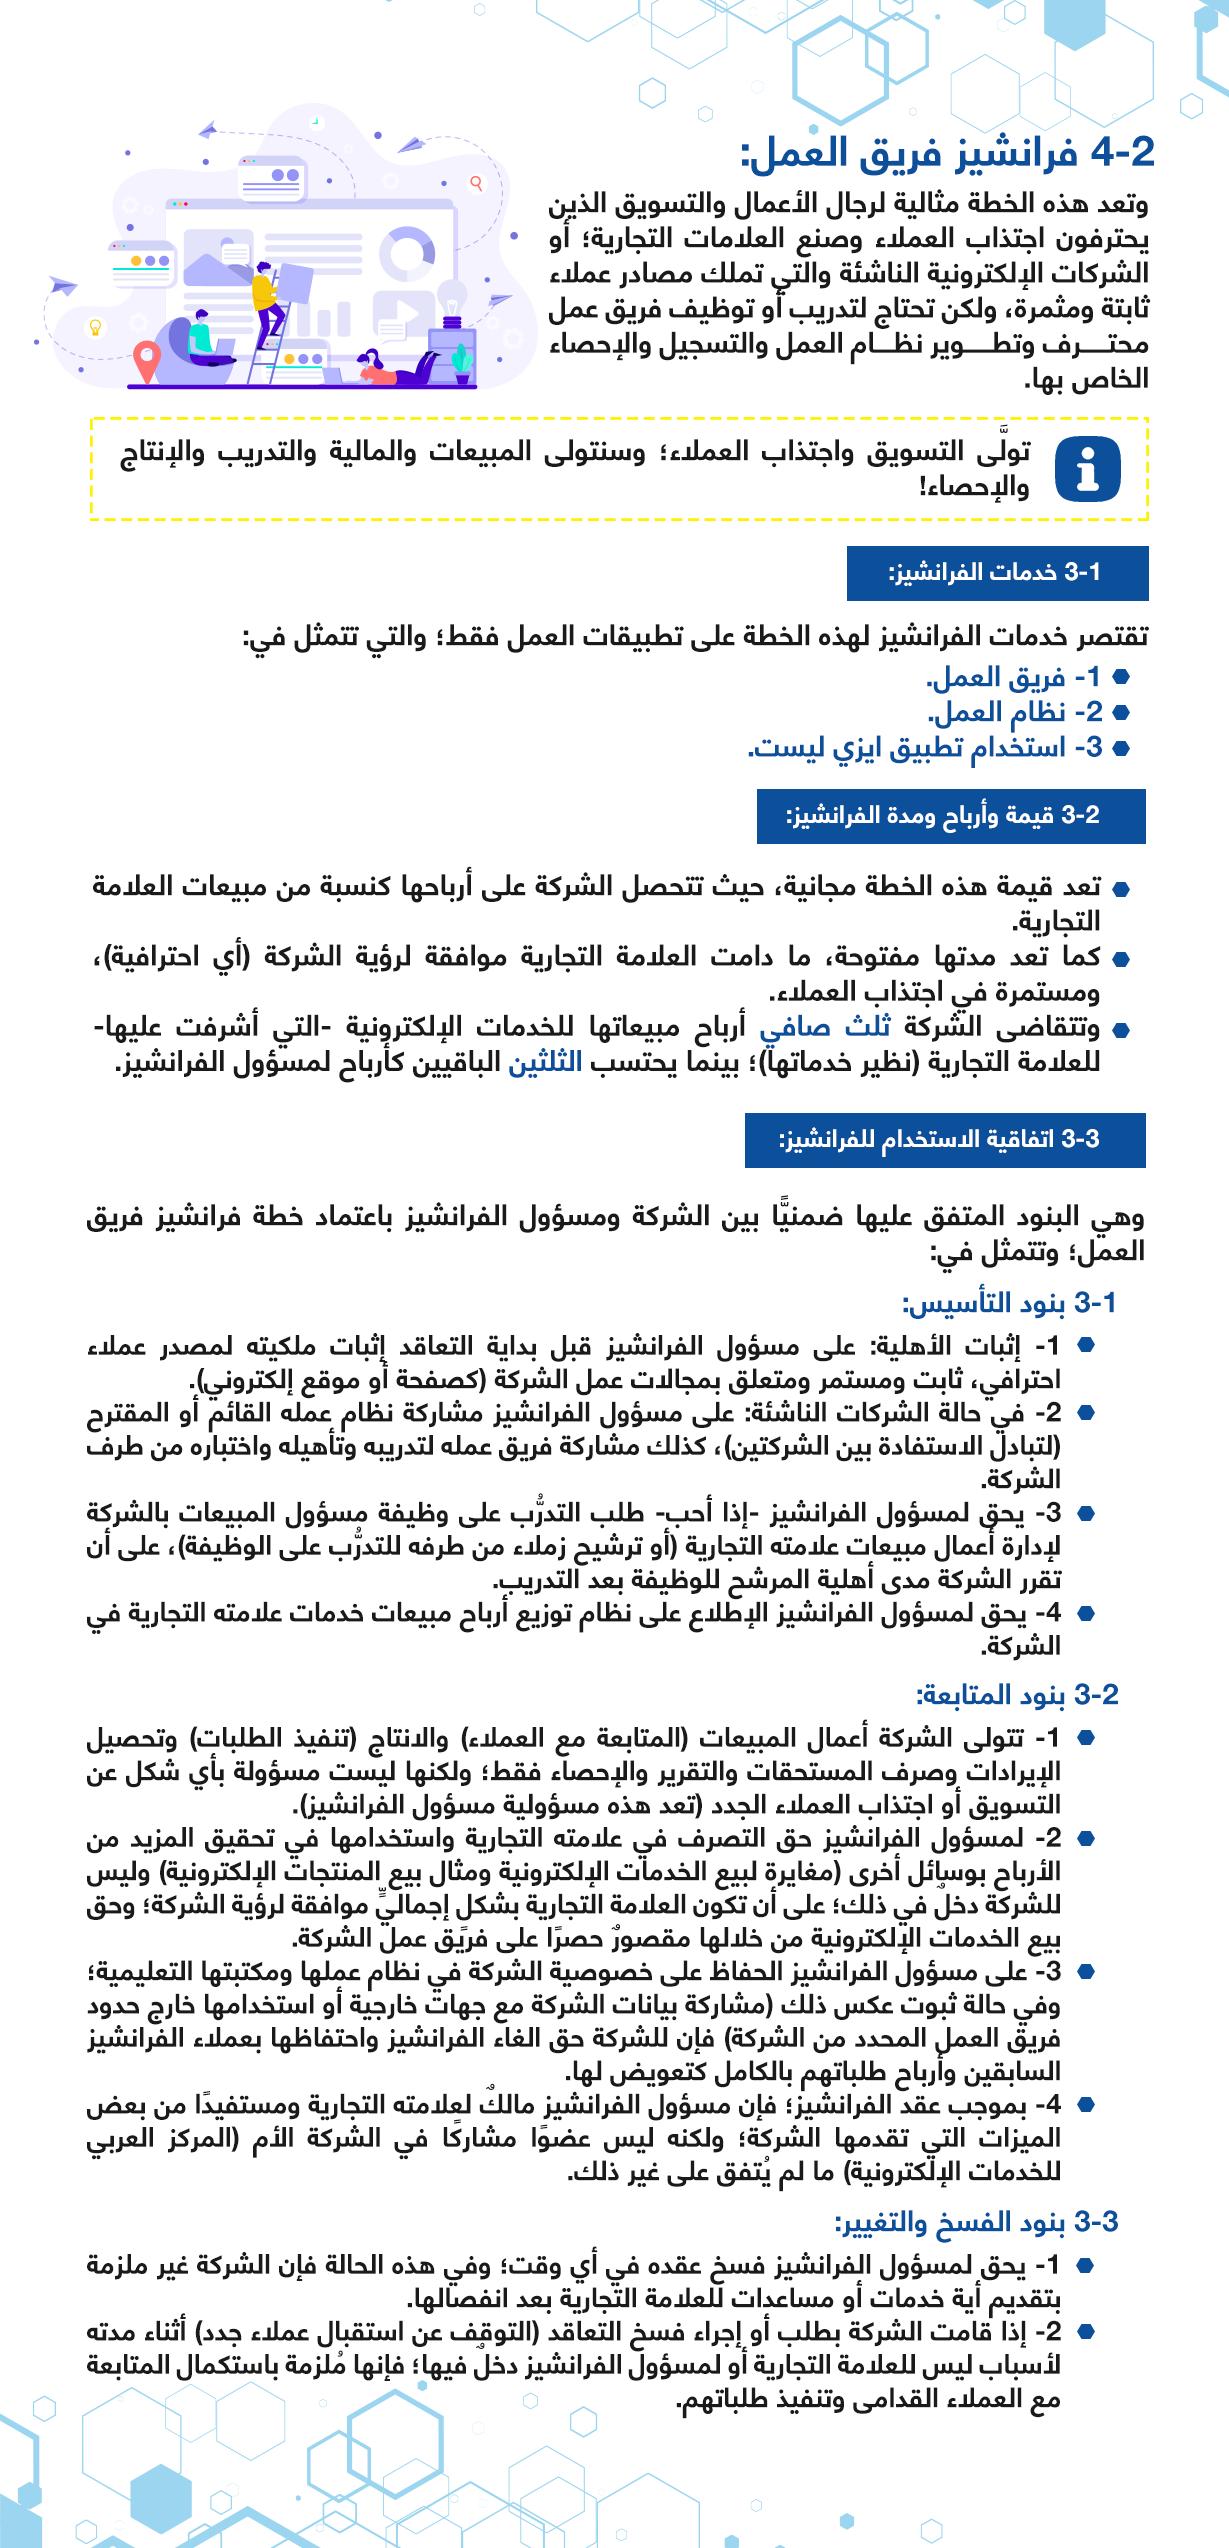 خطة فرانشيز فريق العمل بالمركز العربي للخدمات الإلكترونية